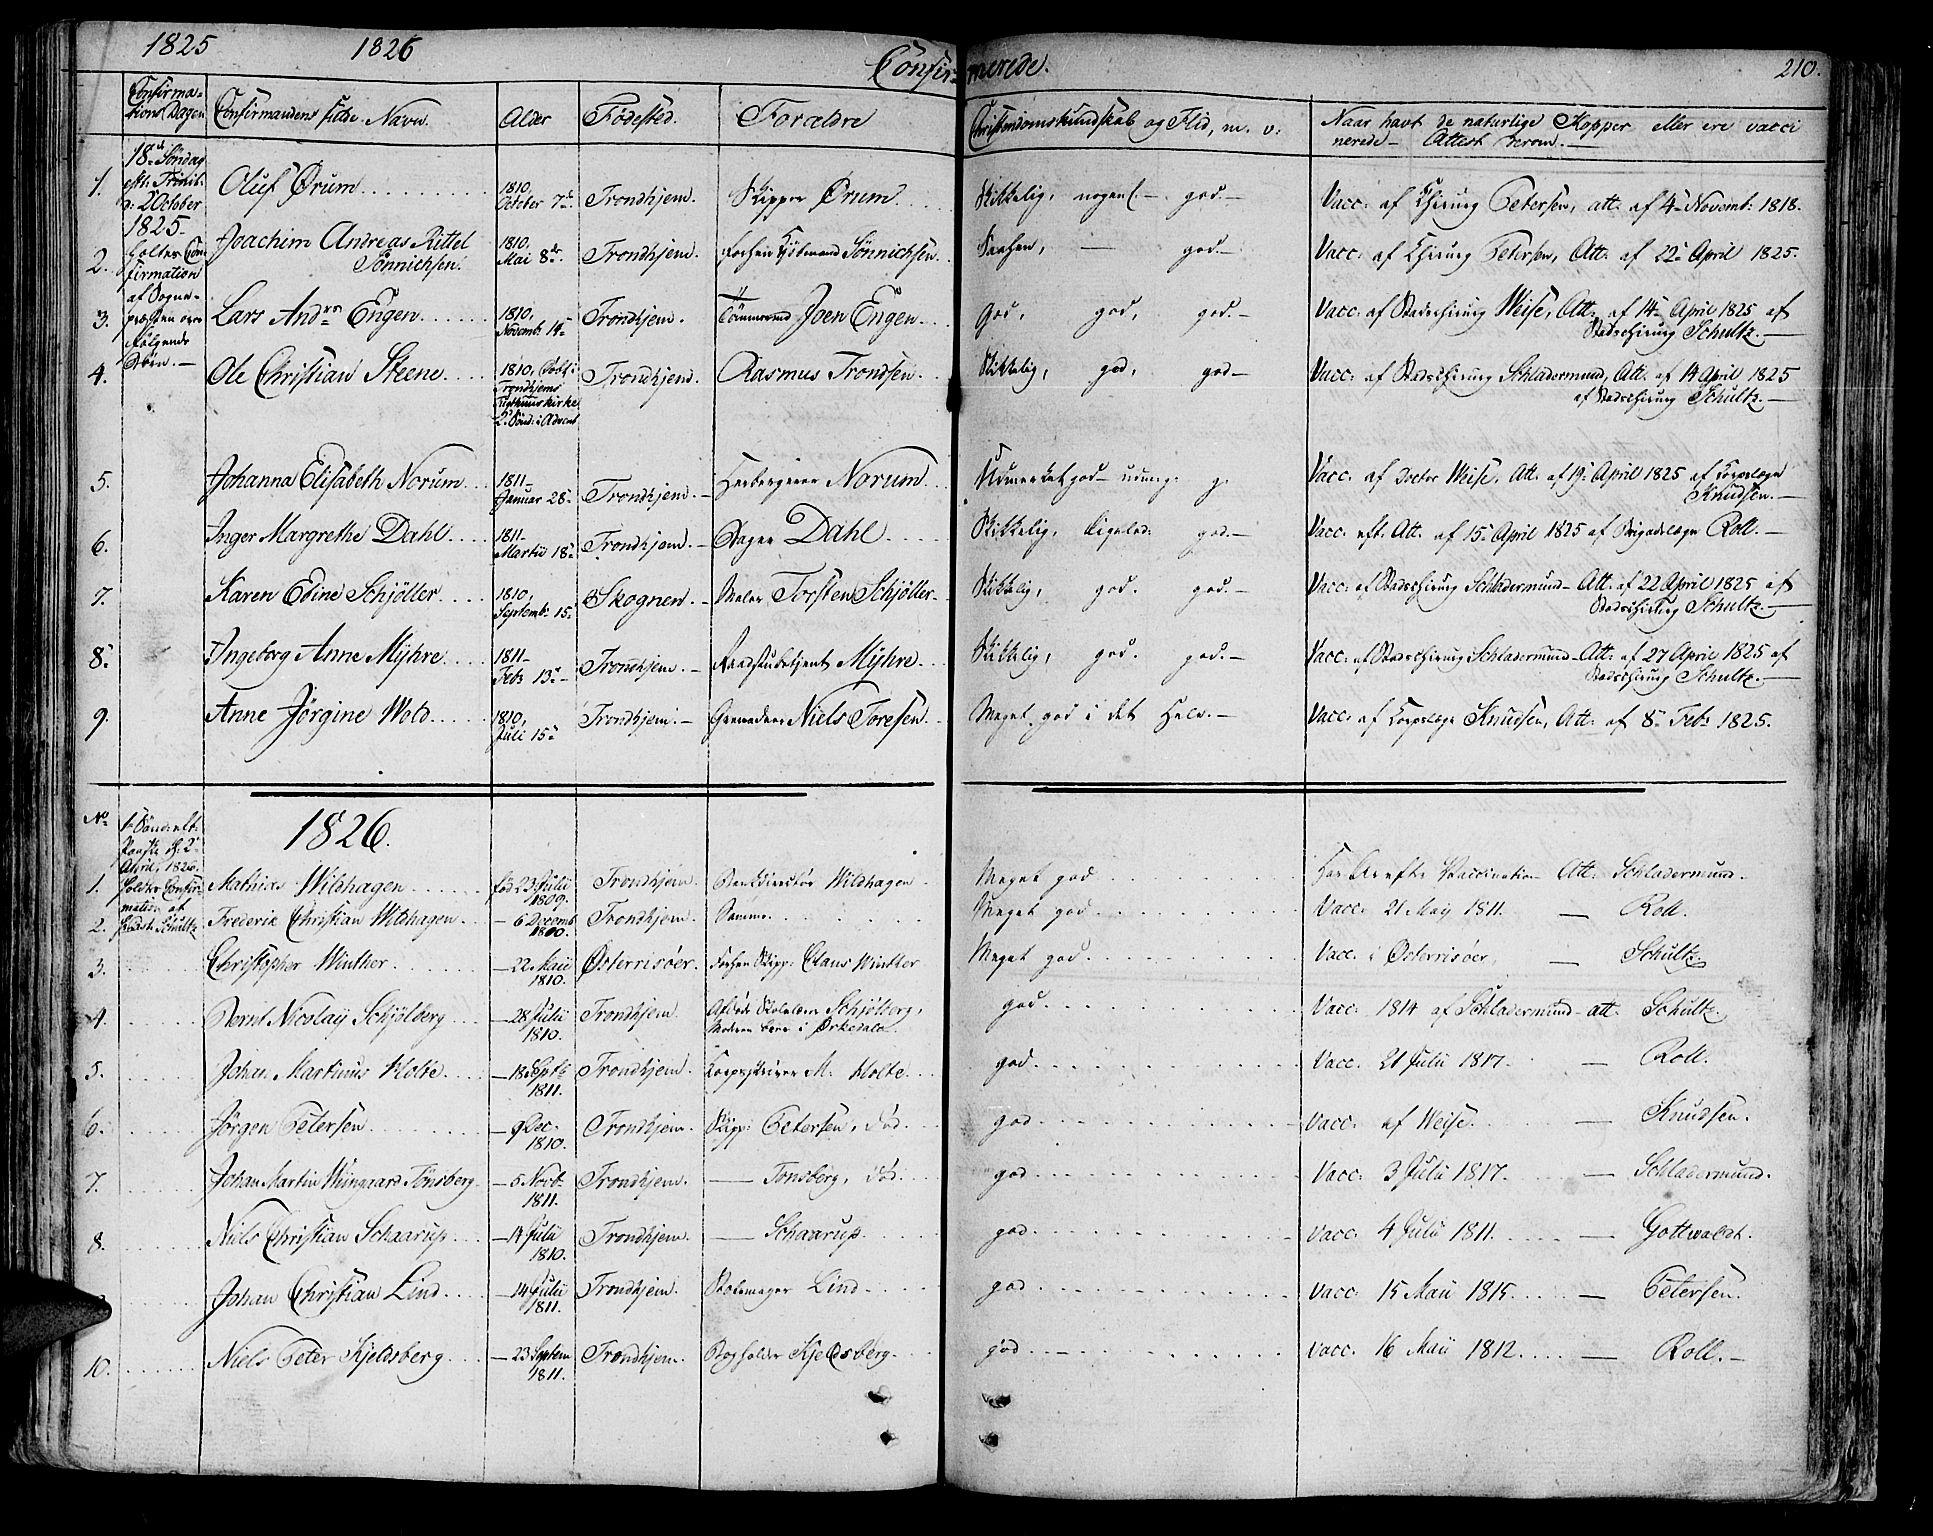 SAT, Ministerialprotokoller, klokkerbøker og fødselsregistre - Sør-Trøndelag, 602/L0108: Ministerialbok nr. 602A06, 1821-1839, s. 210